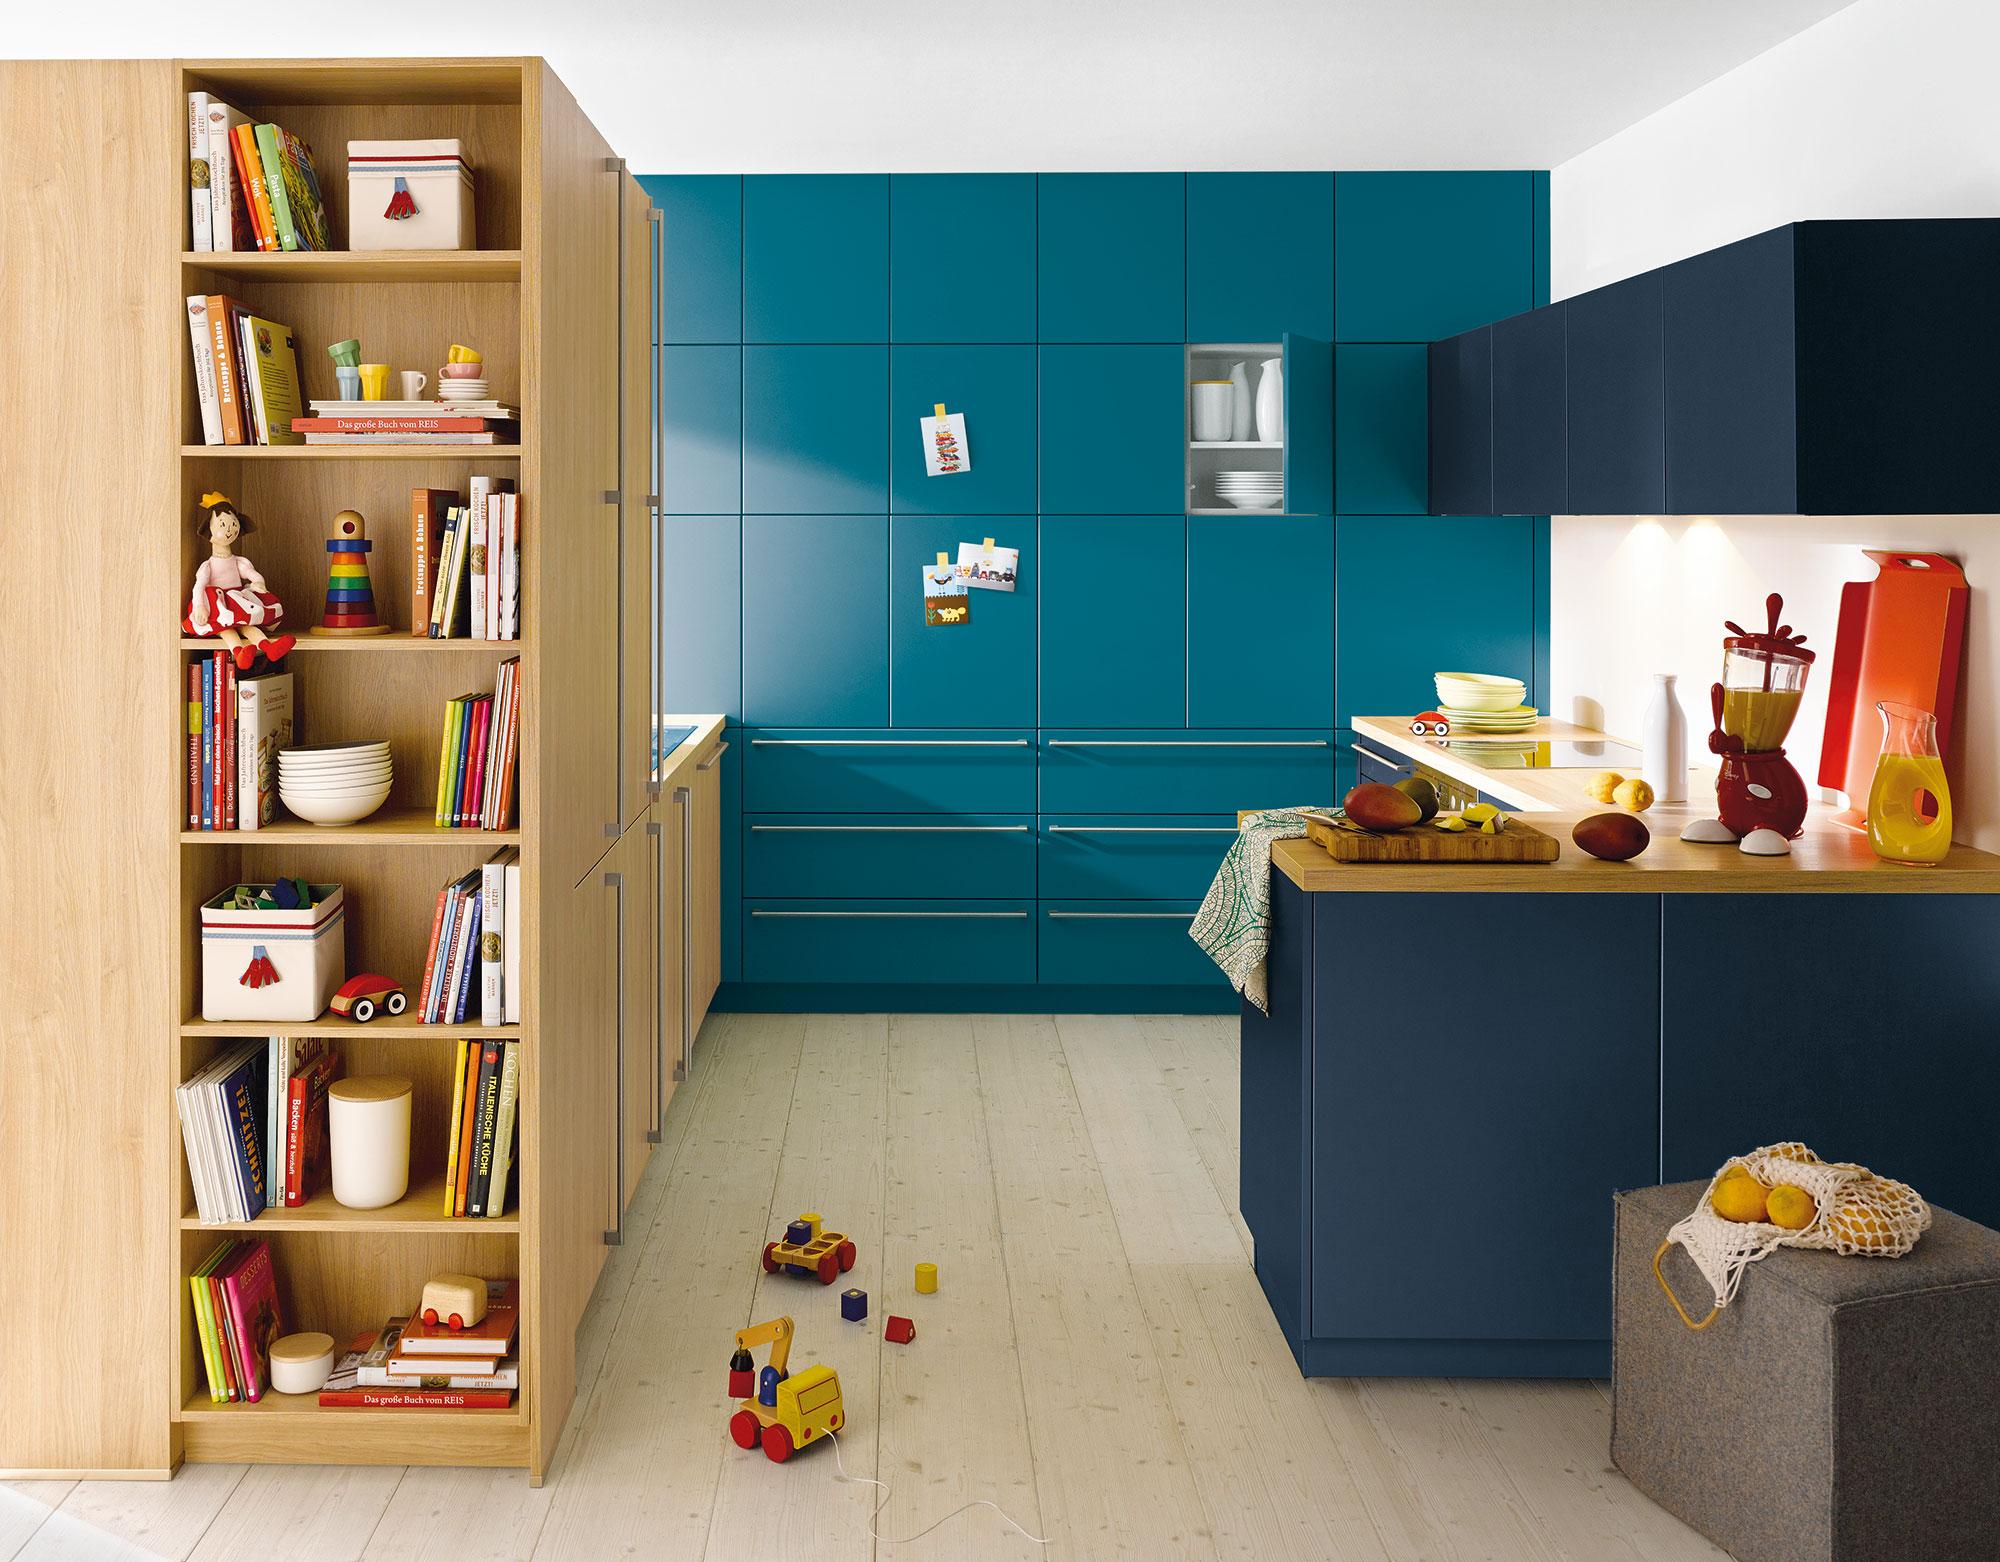 Schuller Contemporary Biella Kitchen - Bentons Kitchens